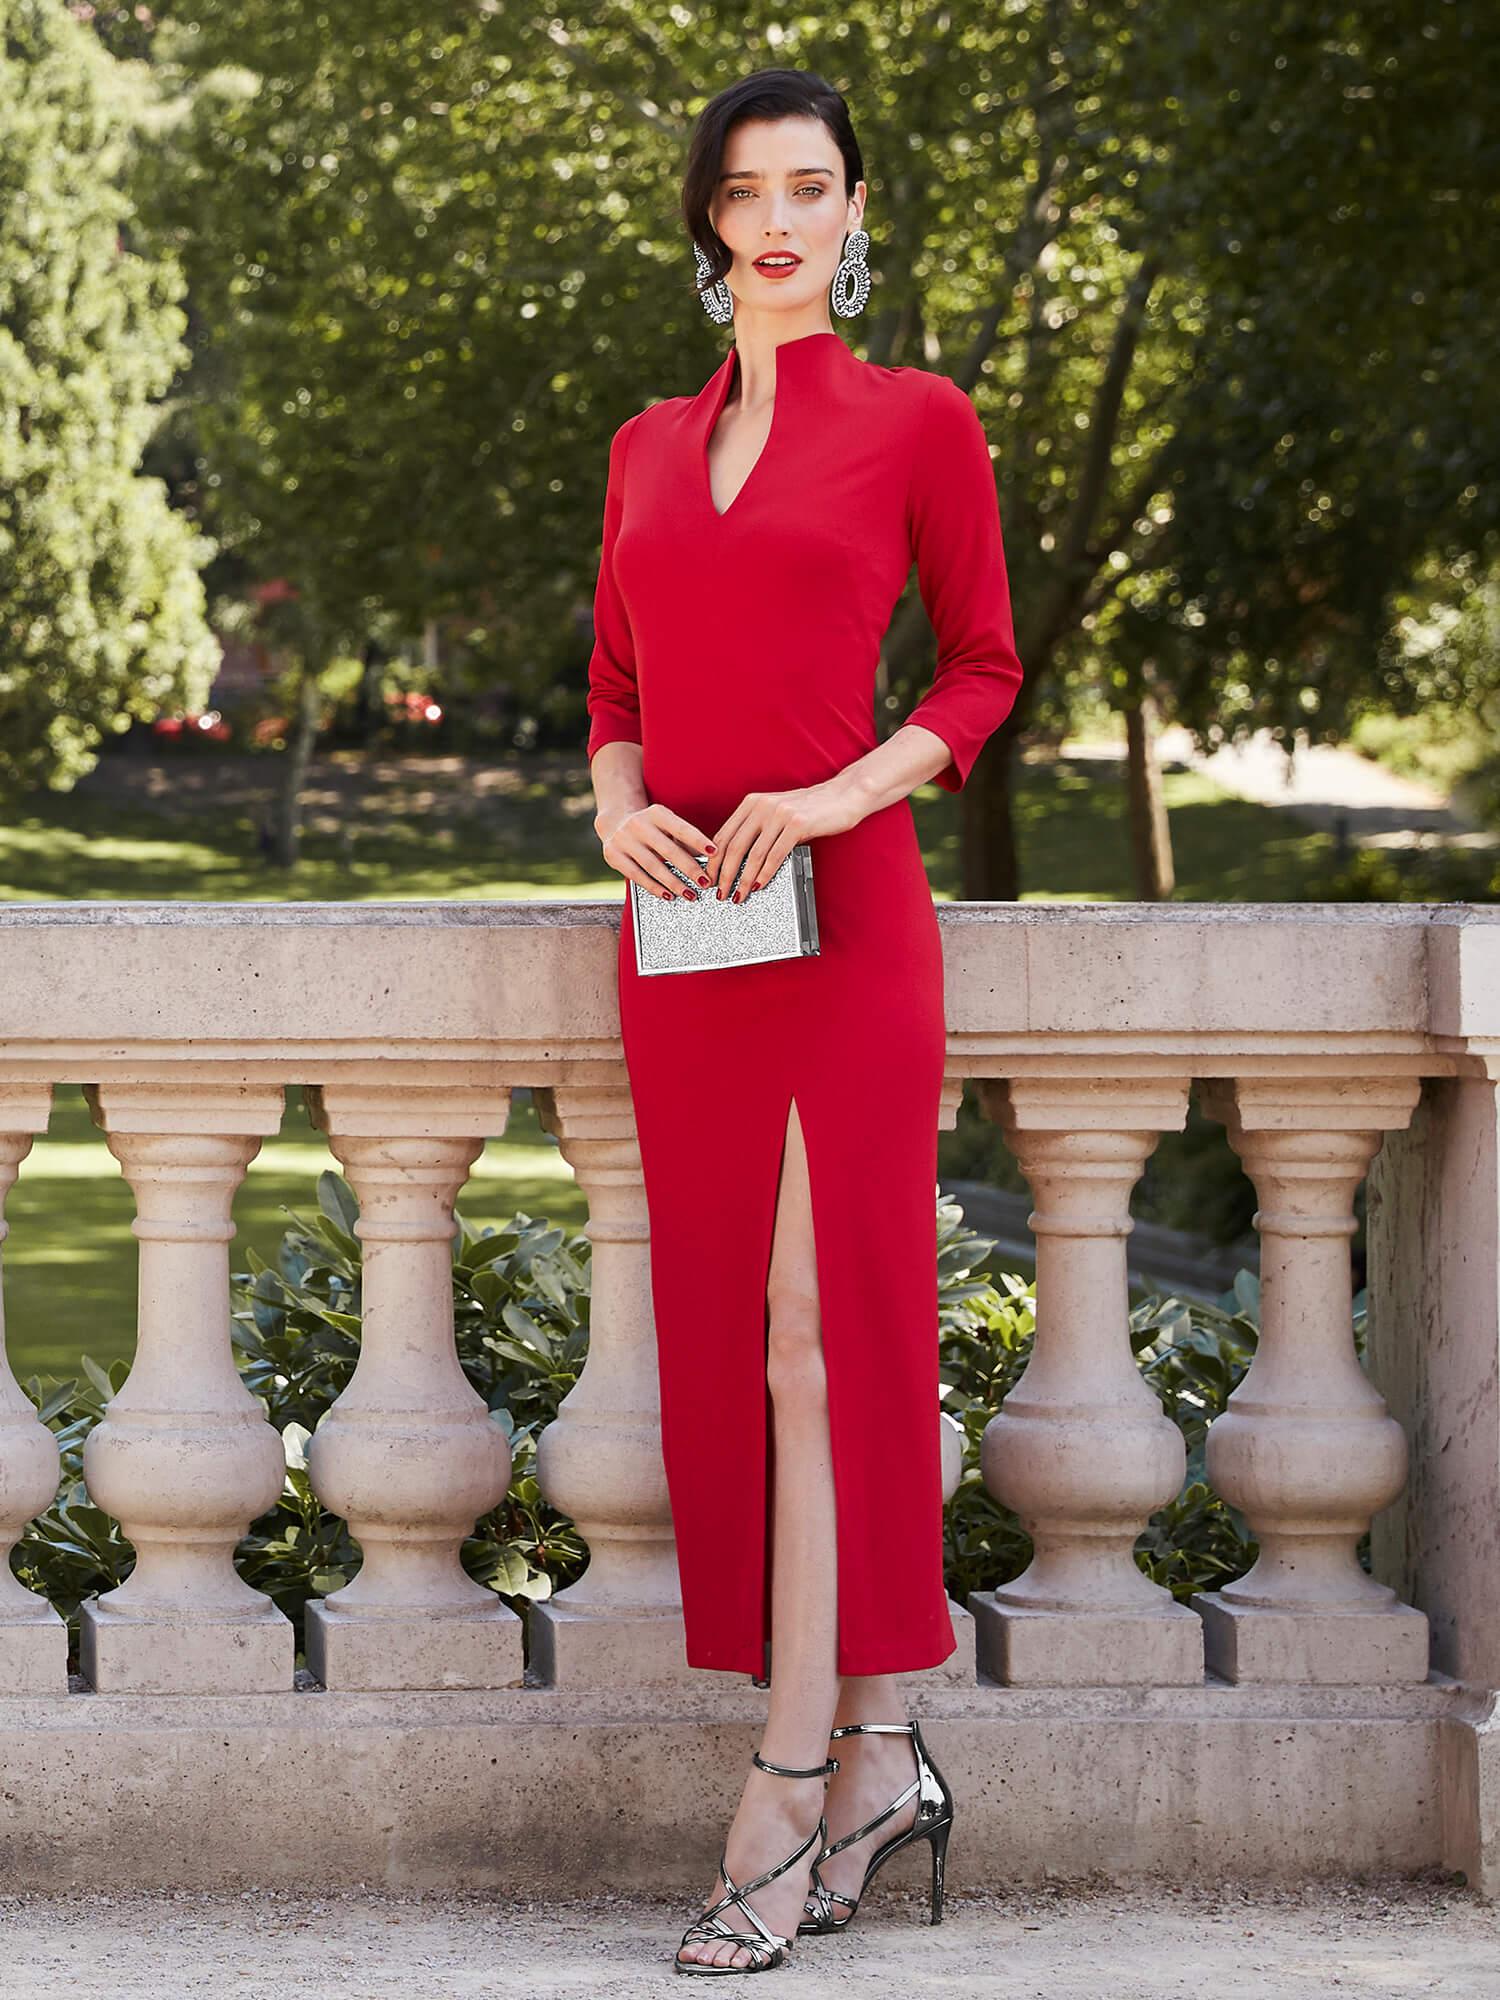 Frau in rotem Kleid.